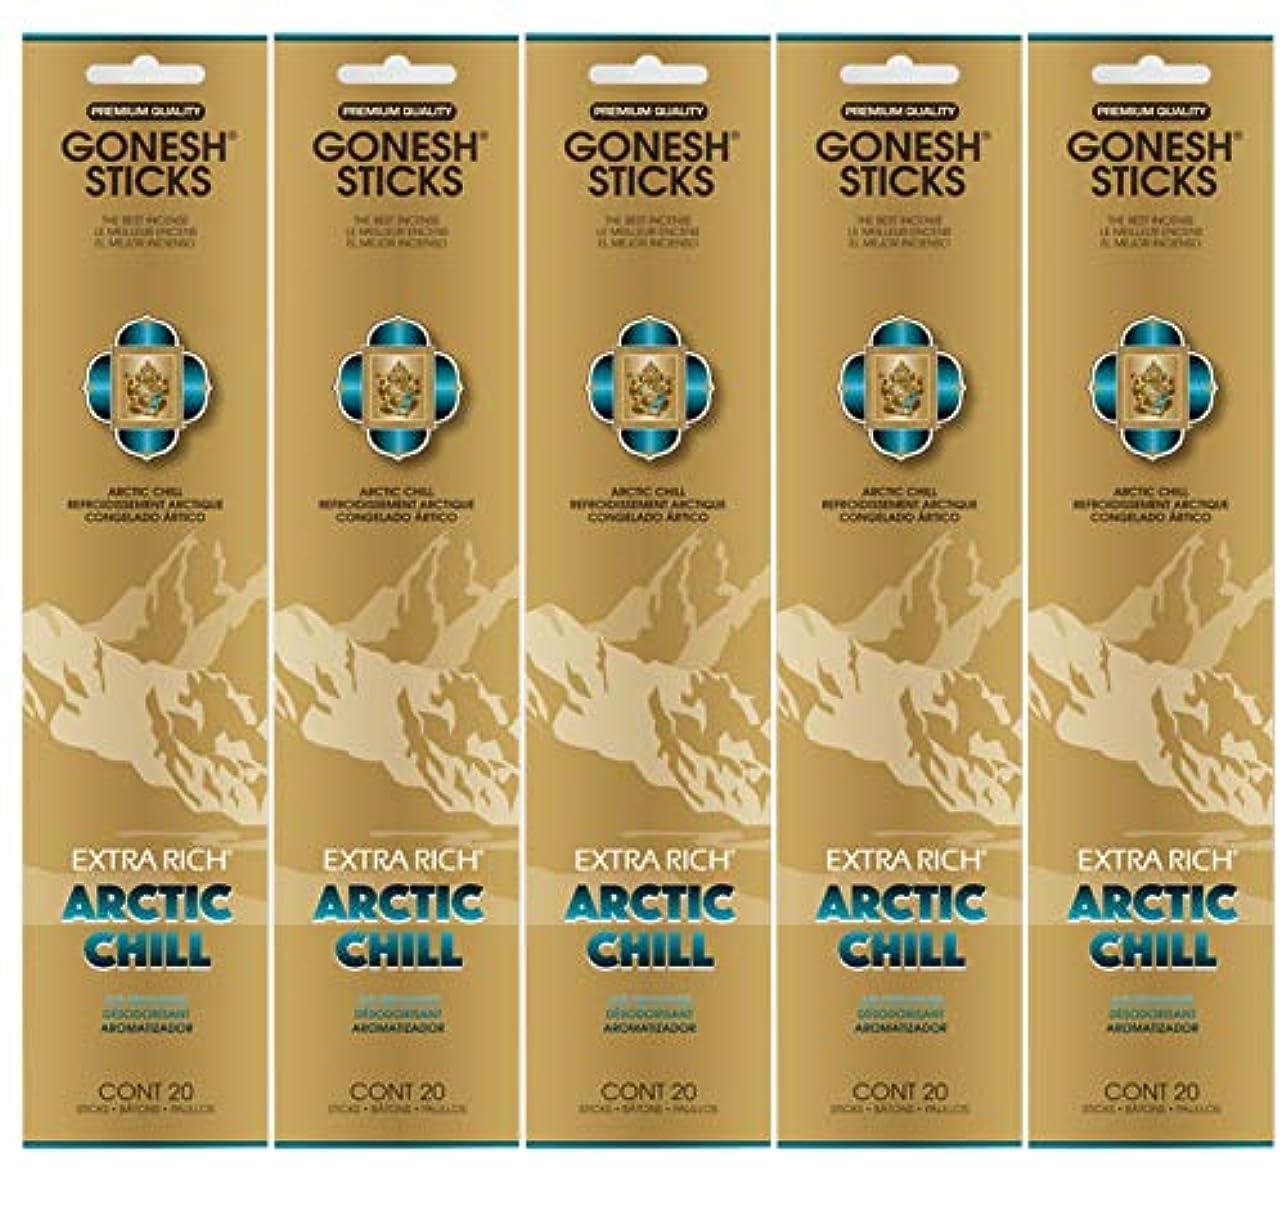 去るマリンユーモラスGonesh お香スティック エクストラリッチコレクション - Arctic Chill 5パック (合計100本)